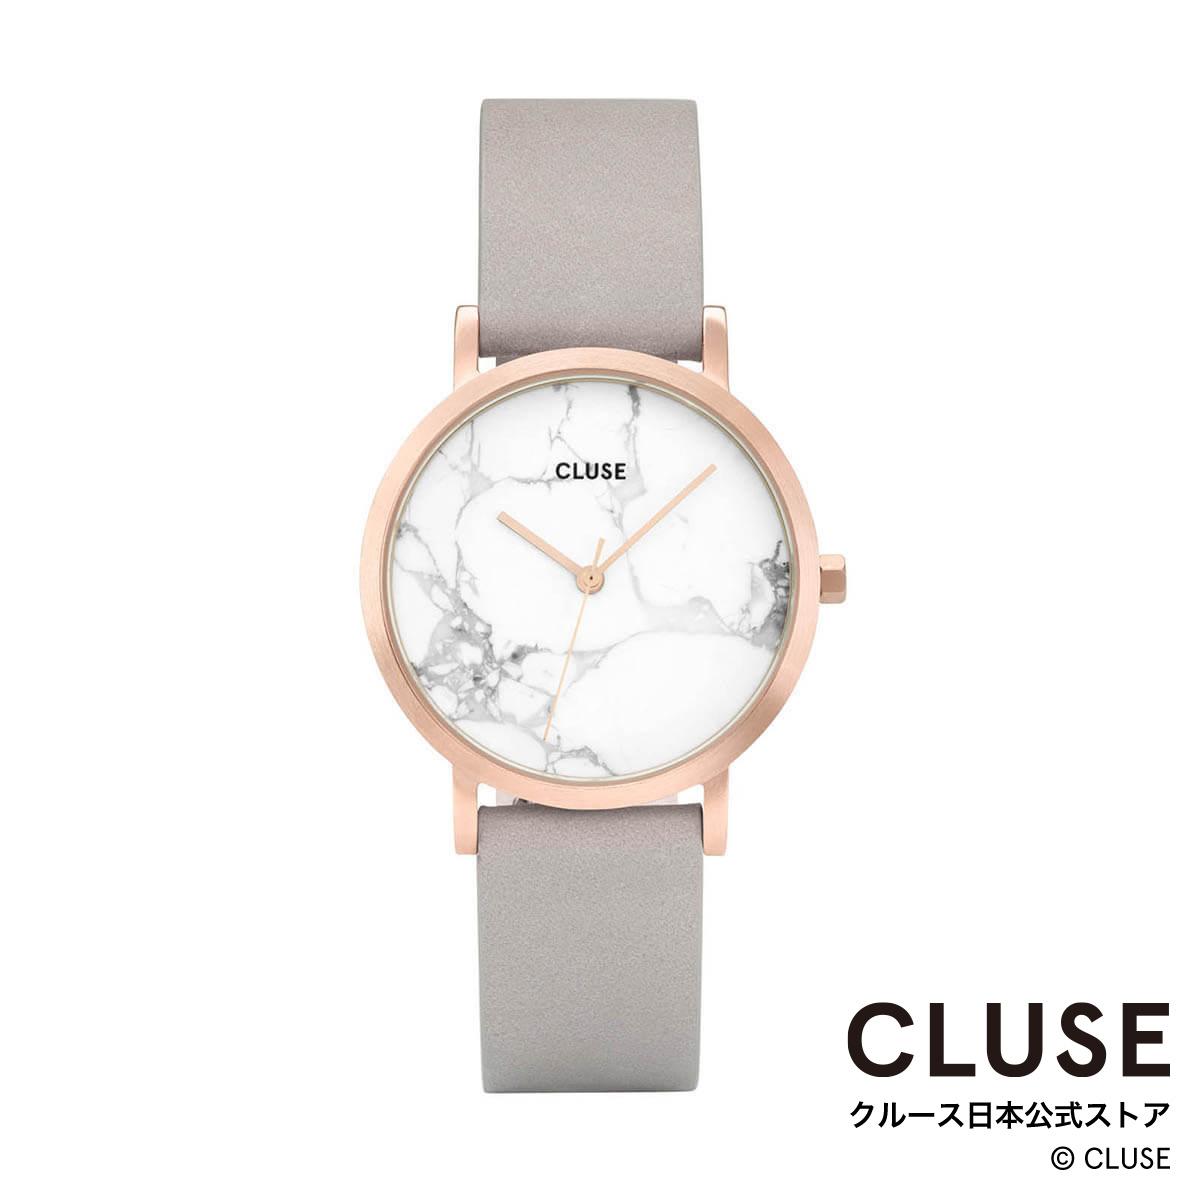 お求めやすく価格改定 クルース 至高 CLUSE 日本総代理店 公式ストア 正規品 日本正規品 時計 ラ ペティット レディース 腕時計ポイント10倍 ロッシュ ホワイト マーブル ローズゴールド グレー